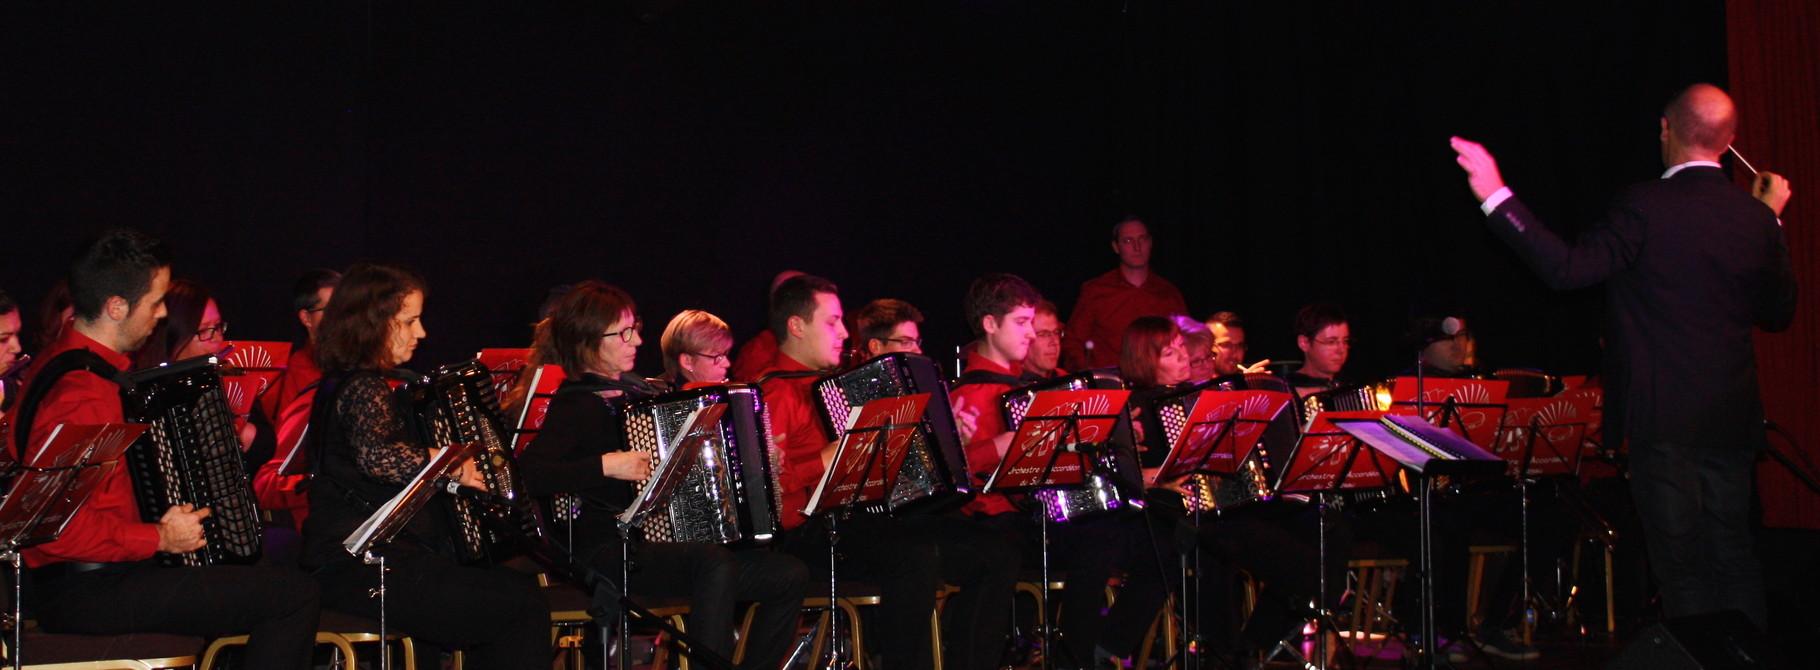 Concert Casino 13.11.15